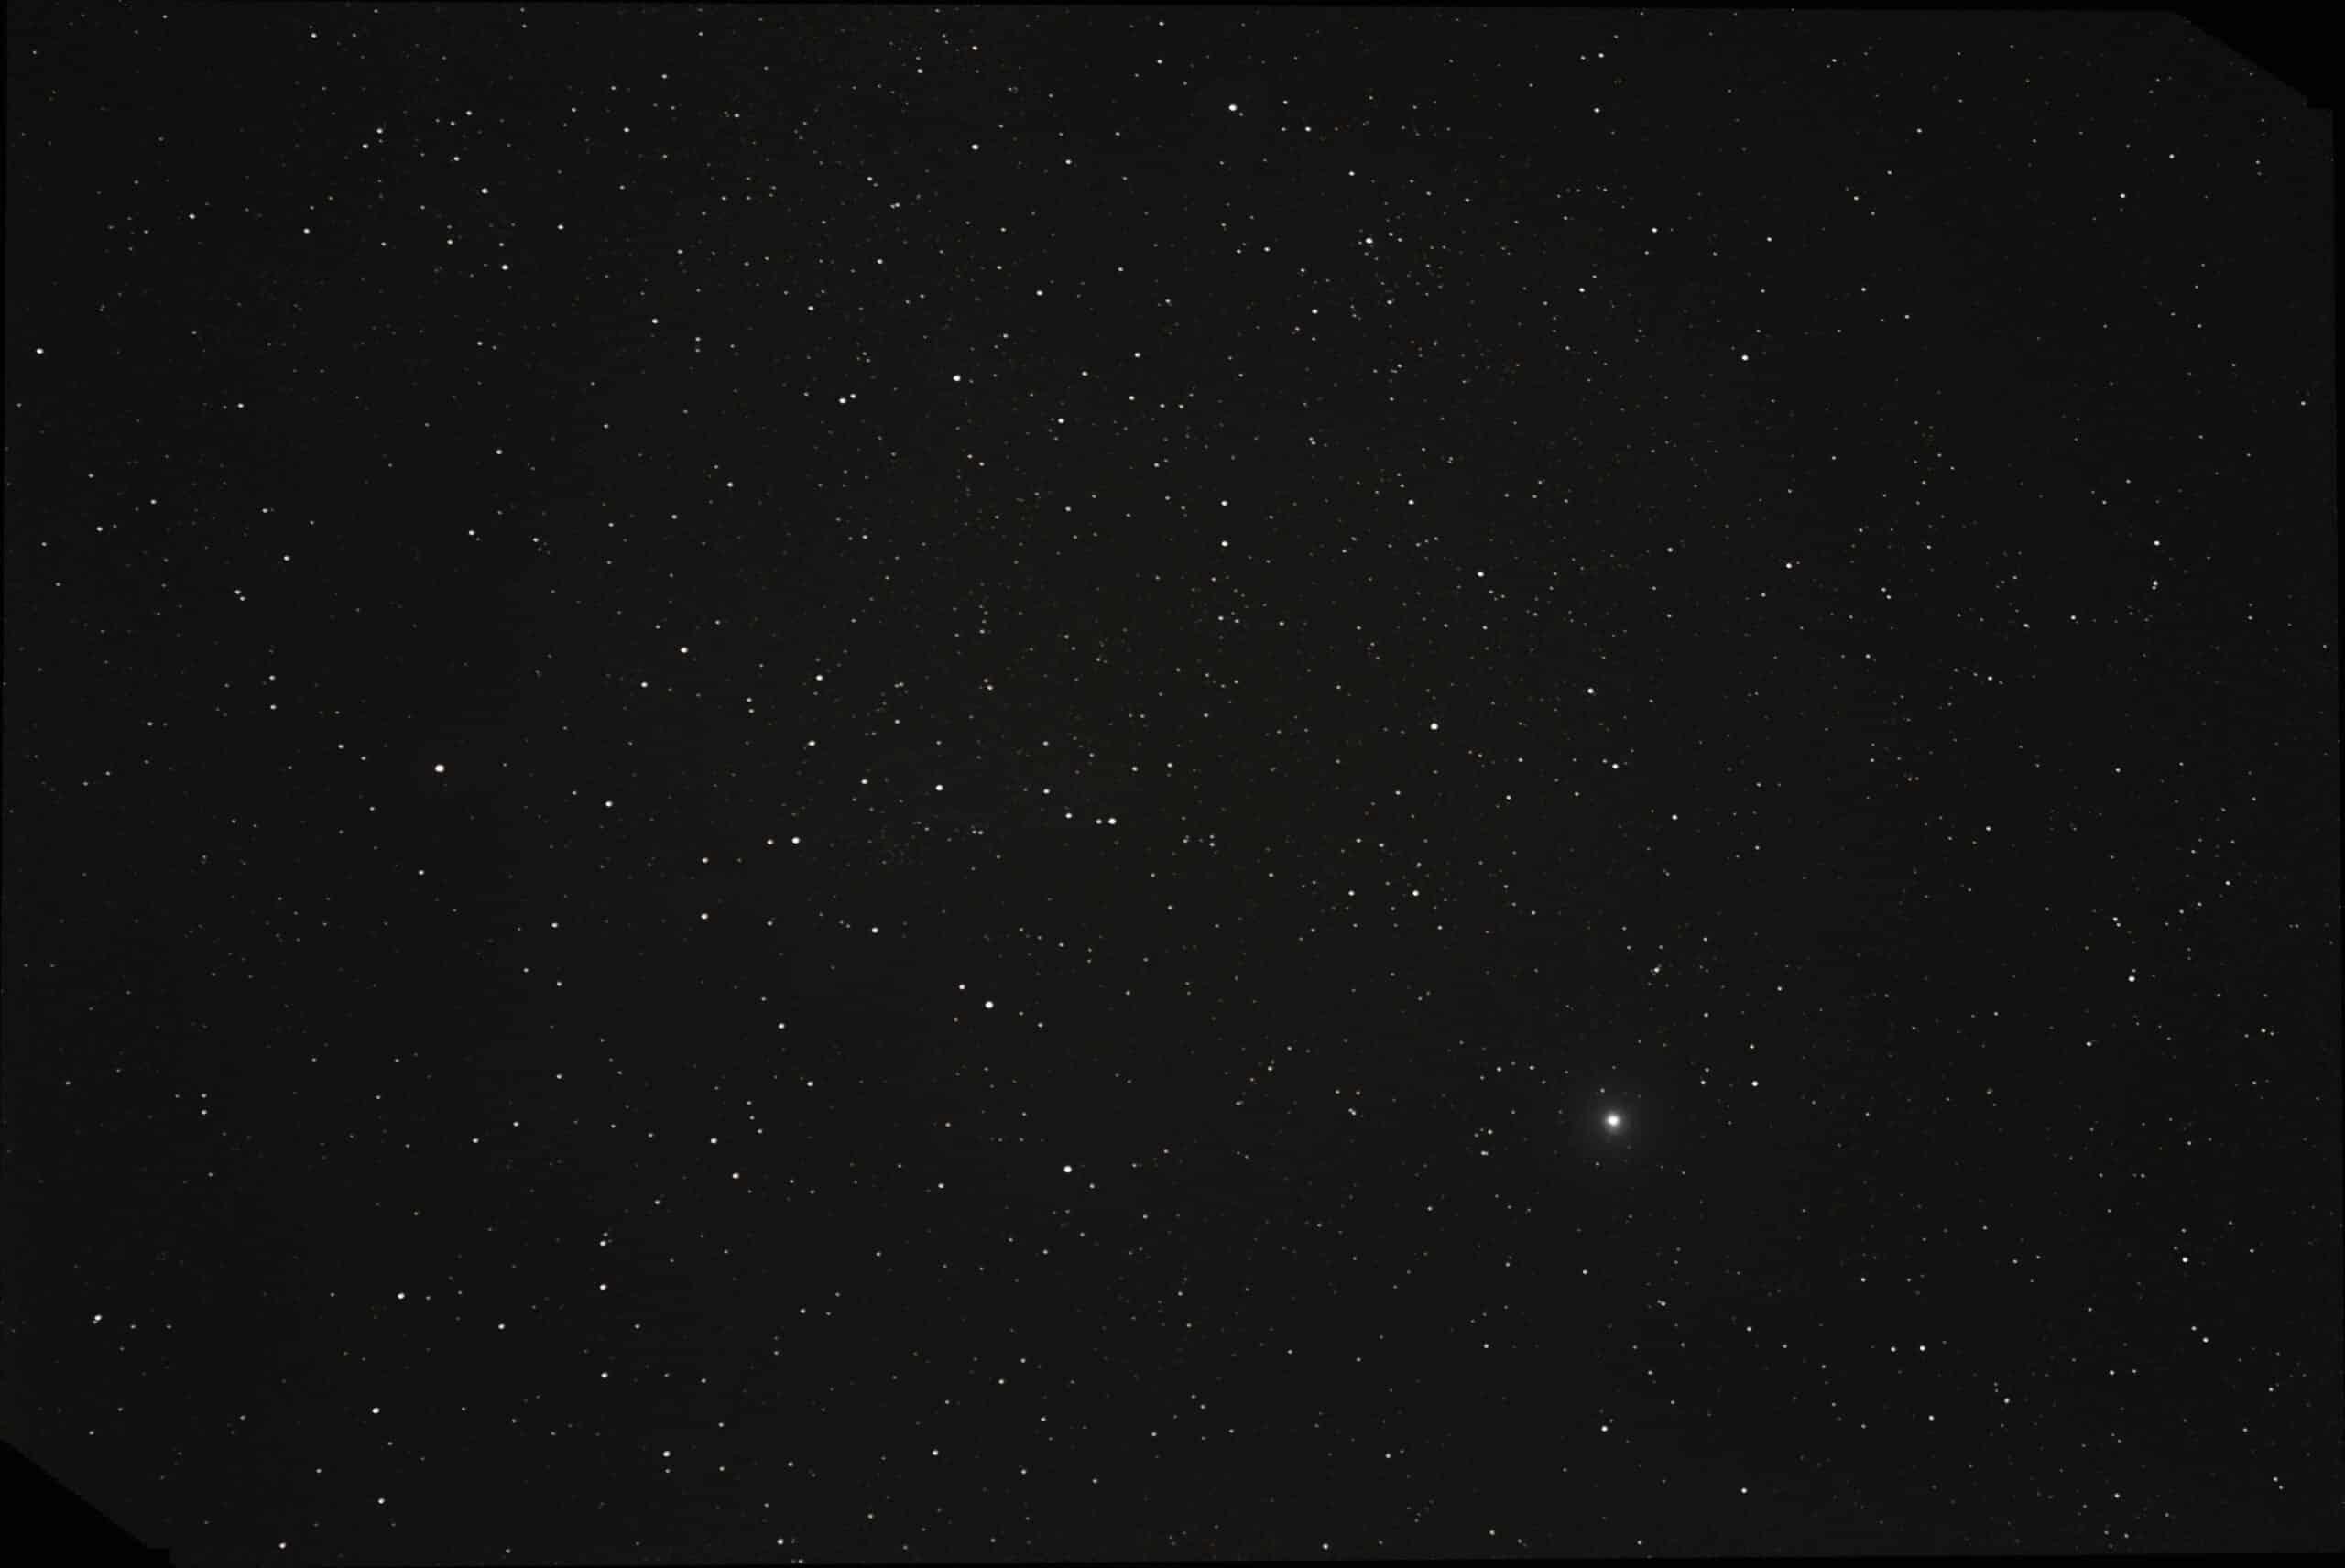 Omdat er de komende weken niet veel terecht zal komen van fotograferen van planeten heb ik gisteren